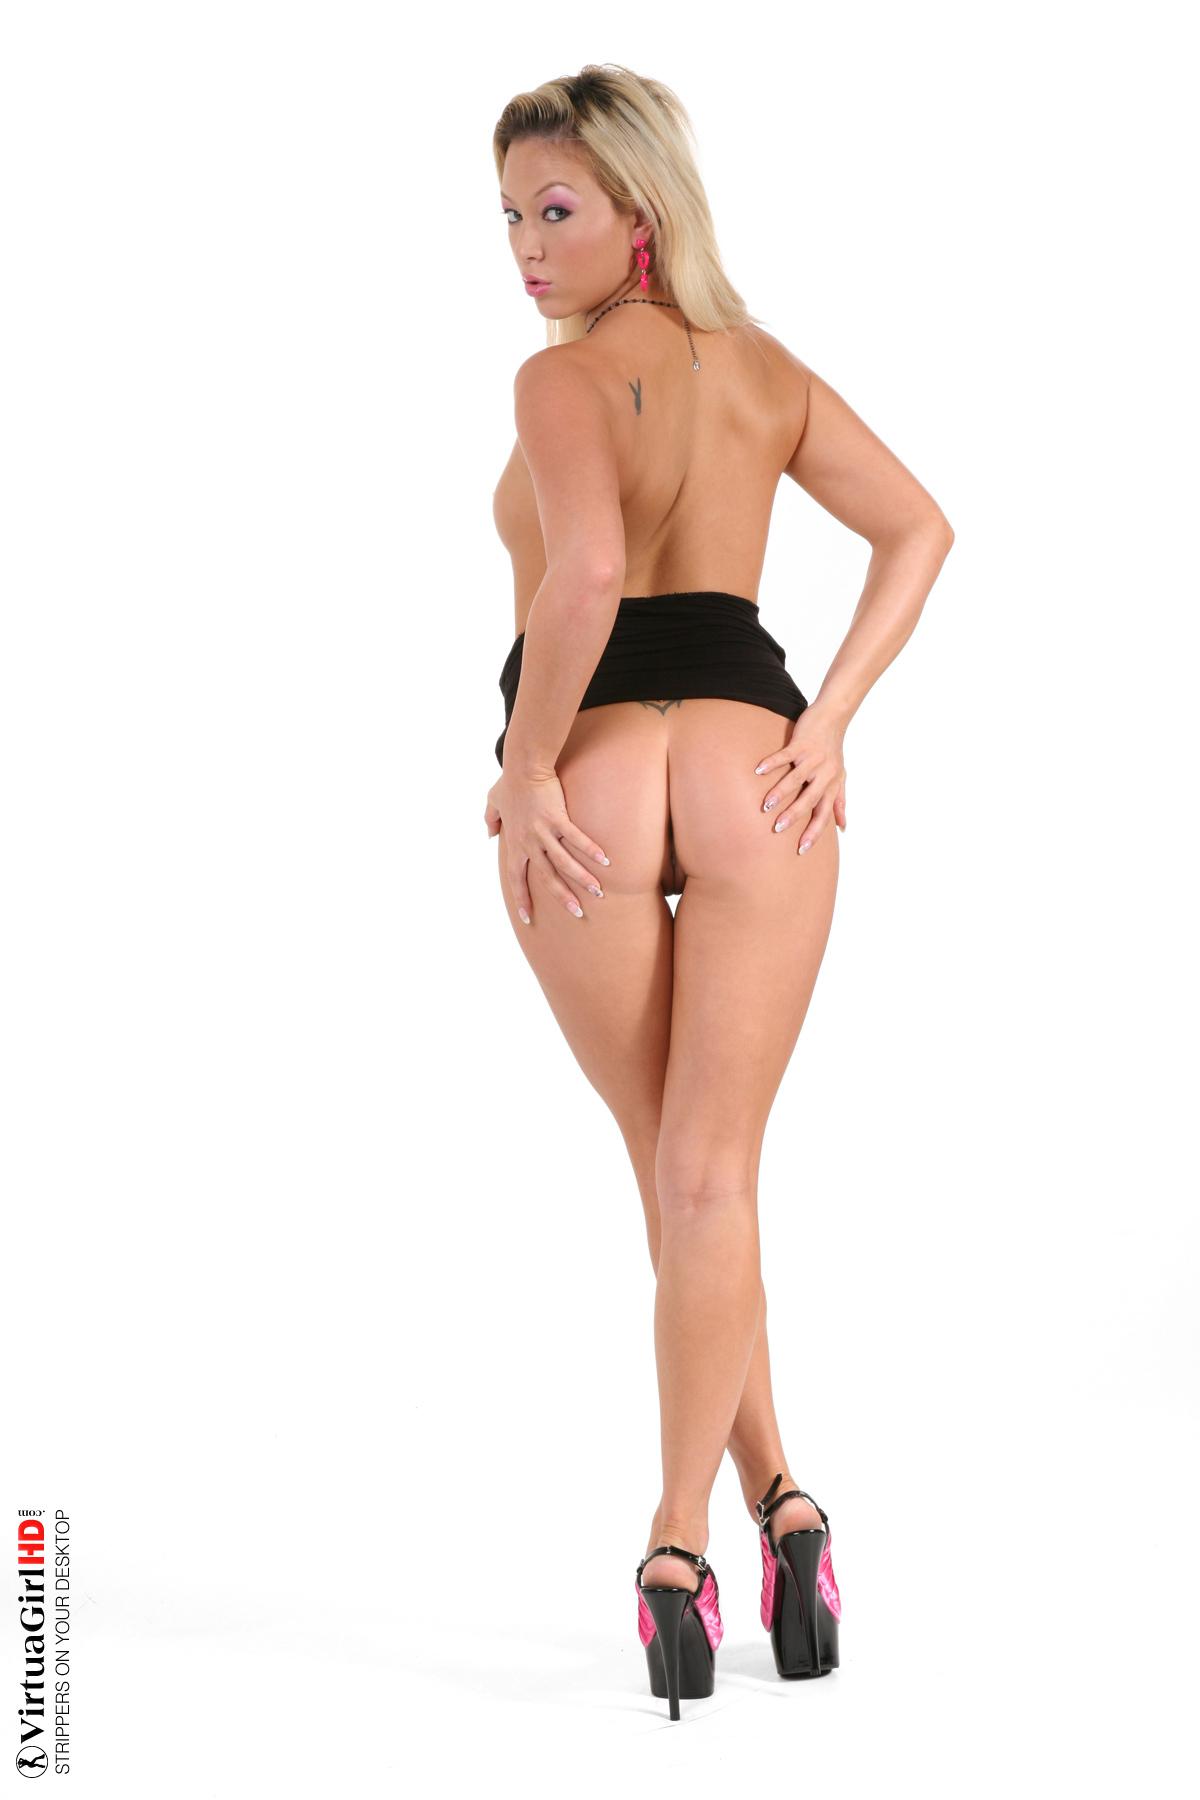 notty girls stripping